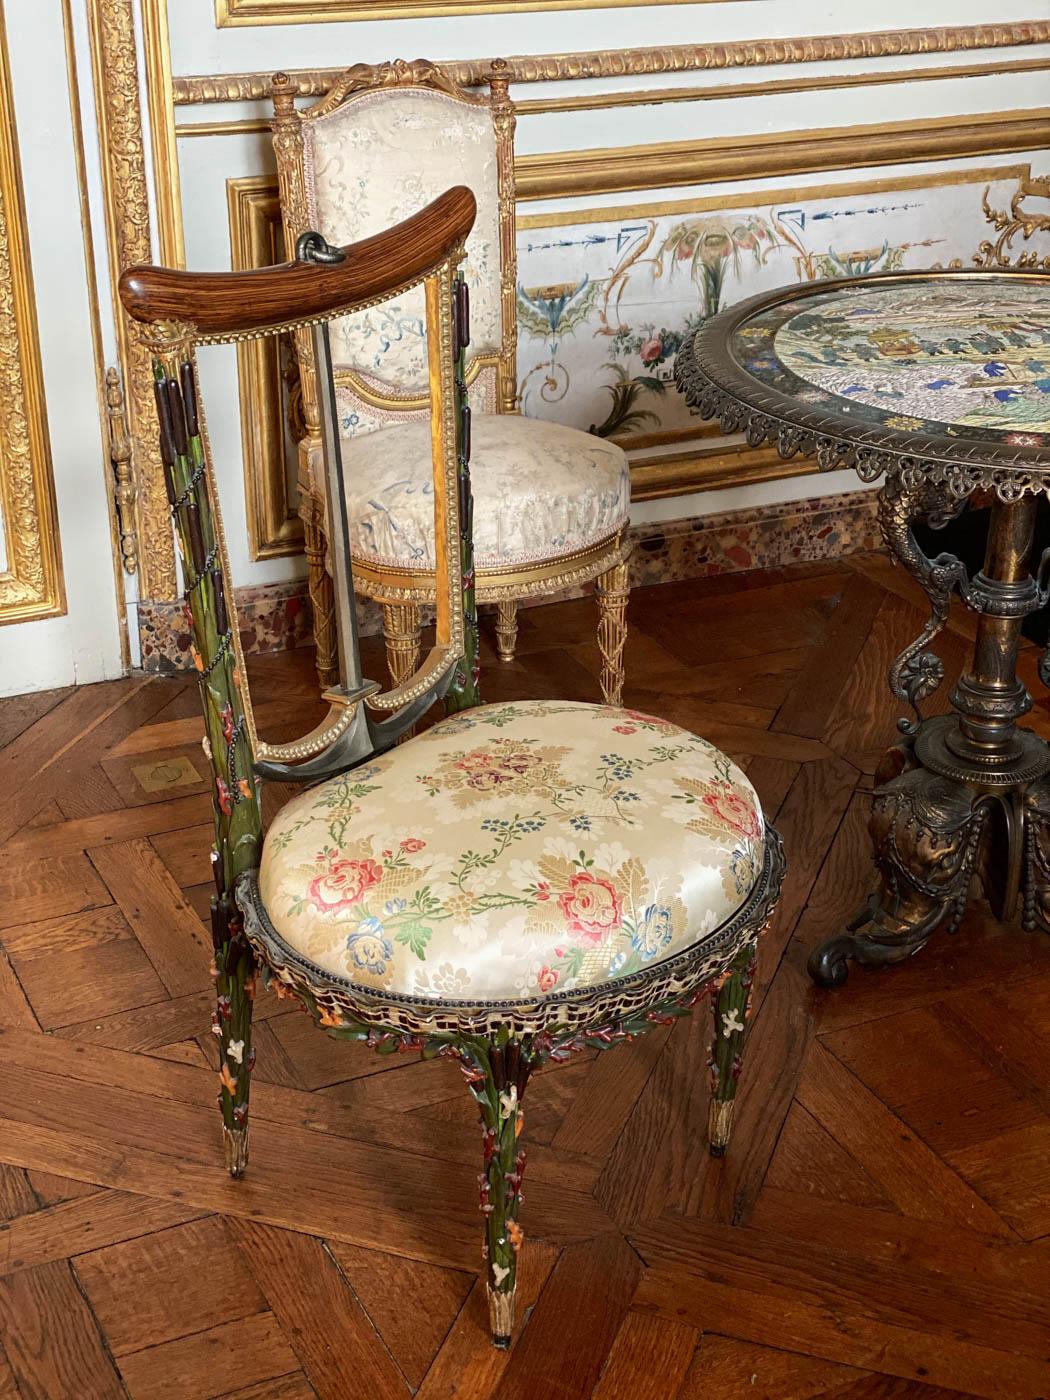 une-bonne-maison-chantilly-castle-french-chateau-chair